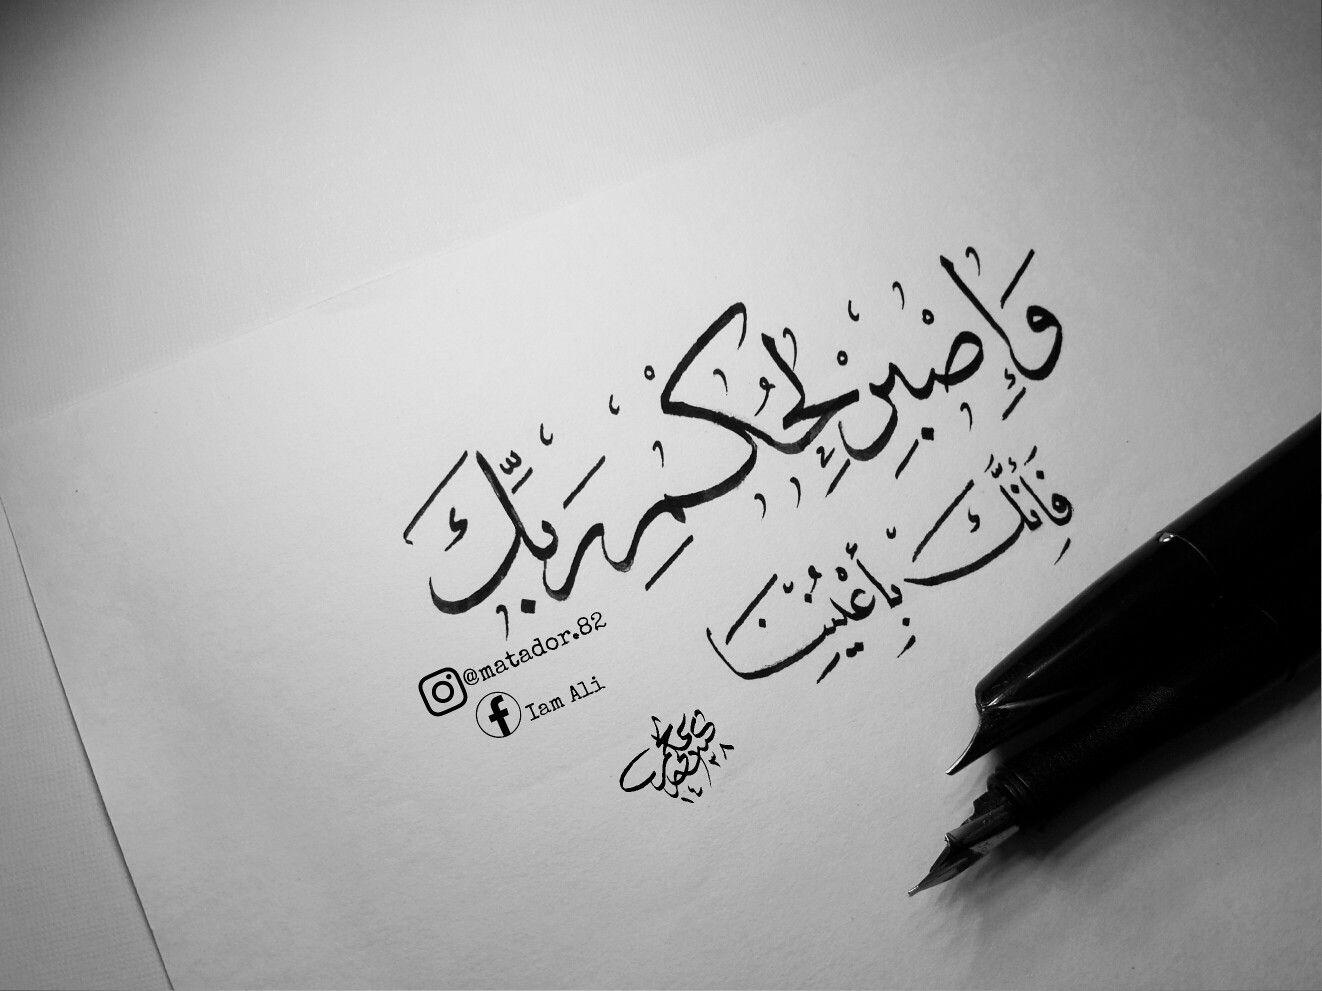 و اصبر لحكم ربك فإنك بأعيننا خطي مشق العراق خط عربي Islamic Quotes Quran Islamic Quotes Arabic Calligraphy Art